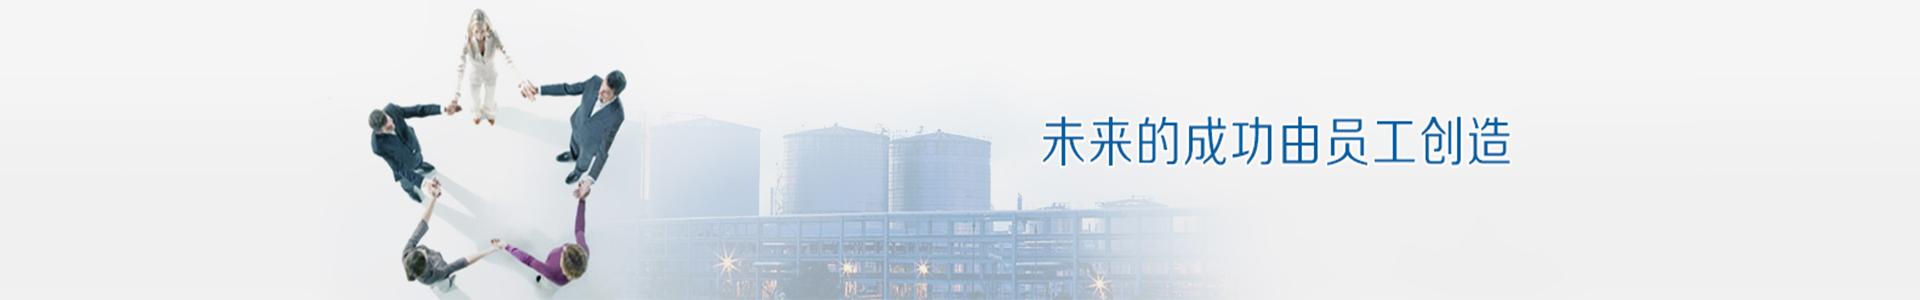 沈阳中科韦尔腐蚀控制技术有限公司